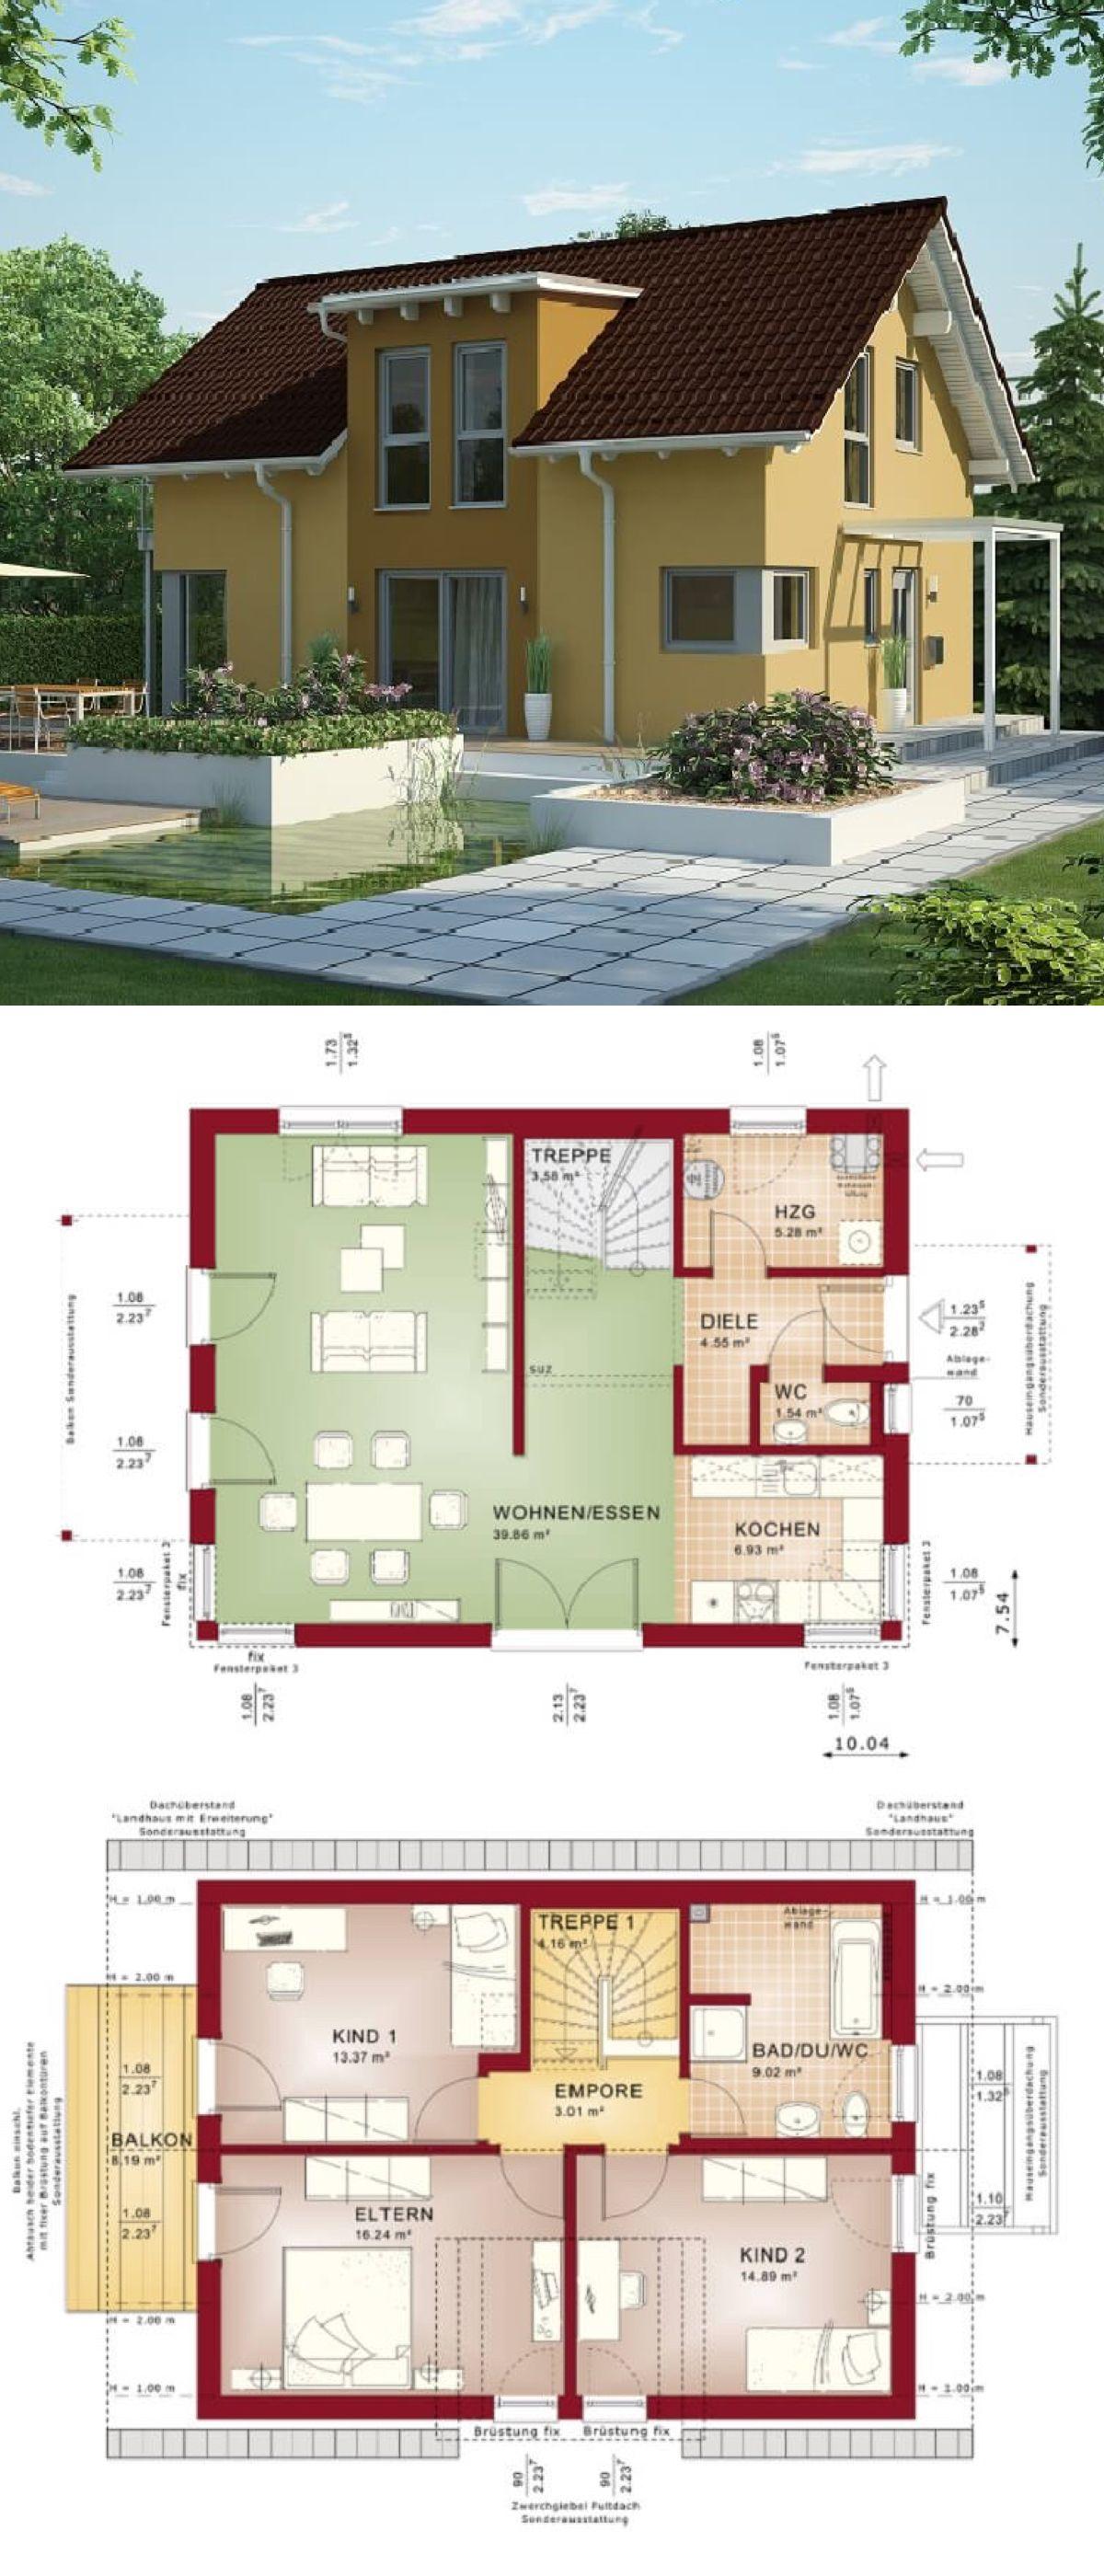 Einfamilienhaus architektur klassisch mit satteldach for Architektur klassisch